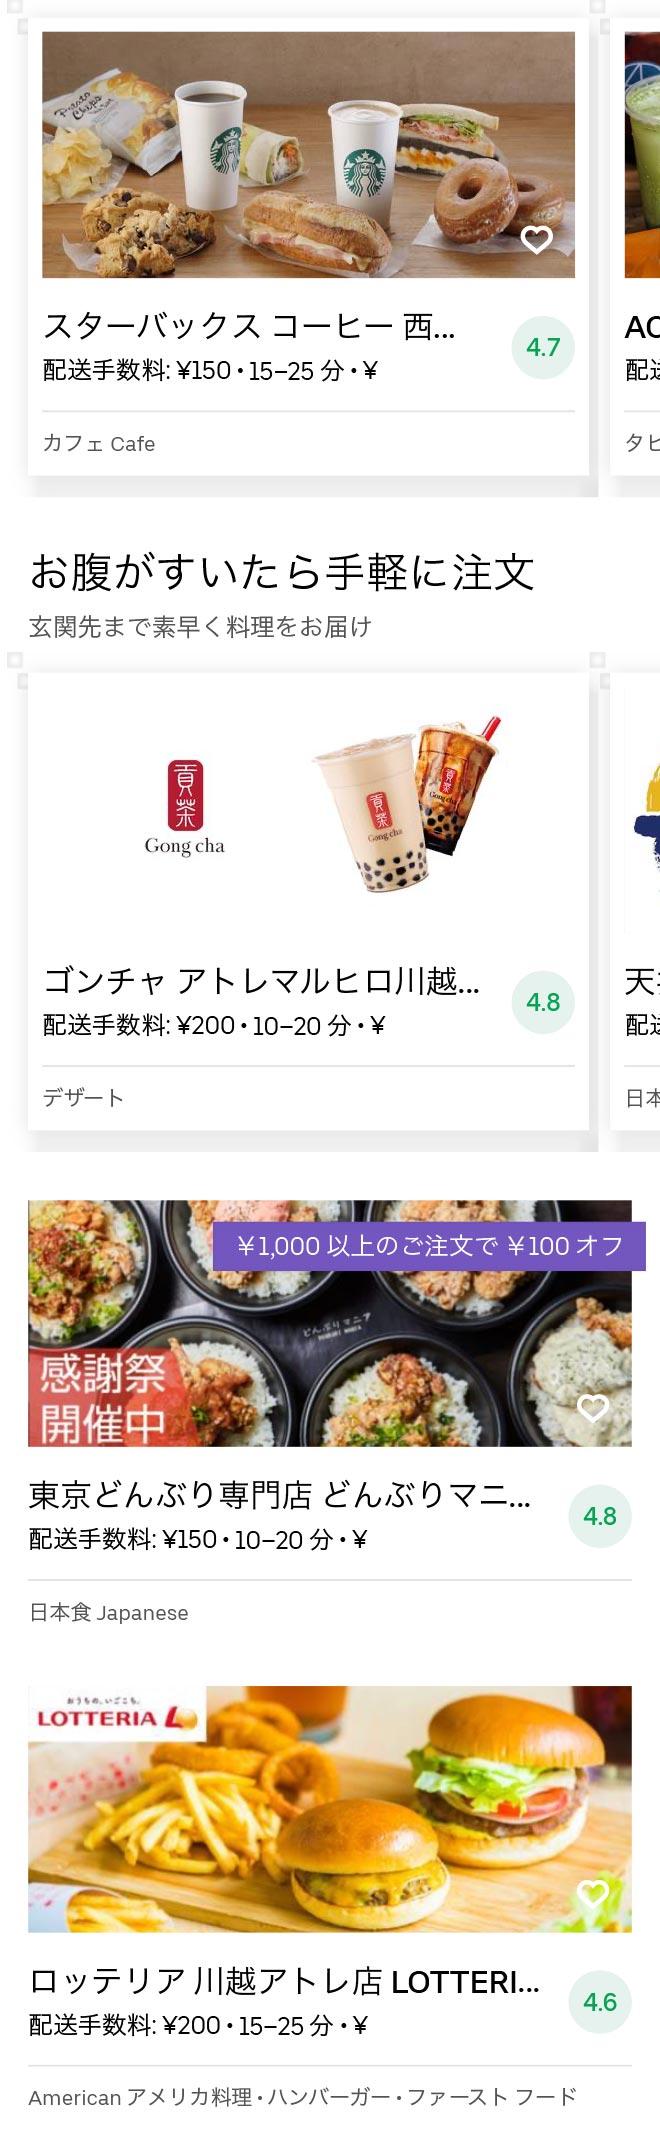 Kawagoeshi menu 2008 03